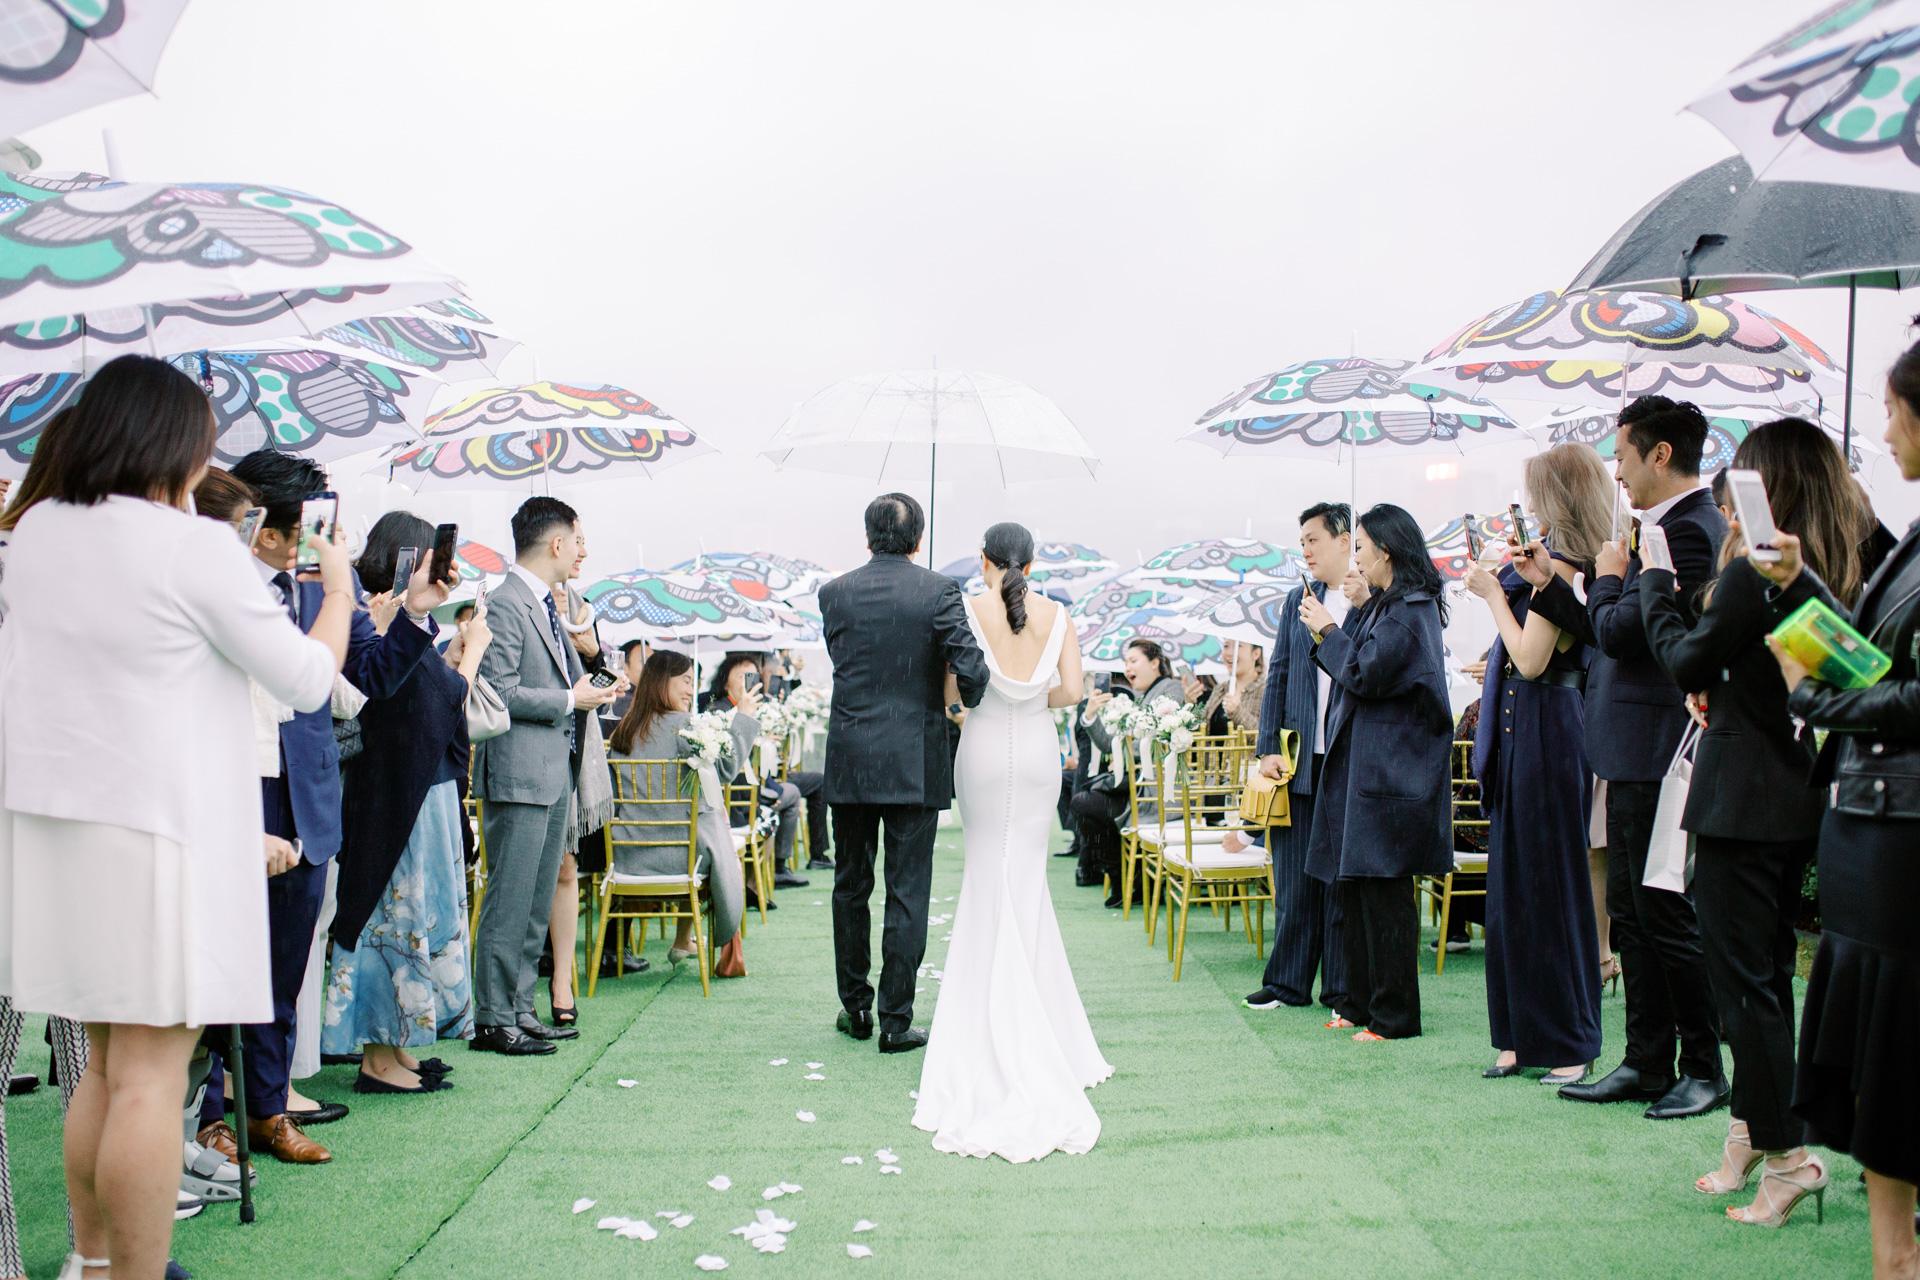 nikkiloveu-hongkong-wedding-day-hexa-ant-cat-lauhaus-024.jpg